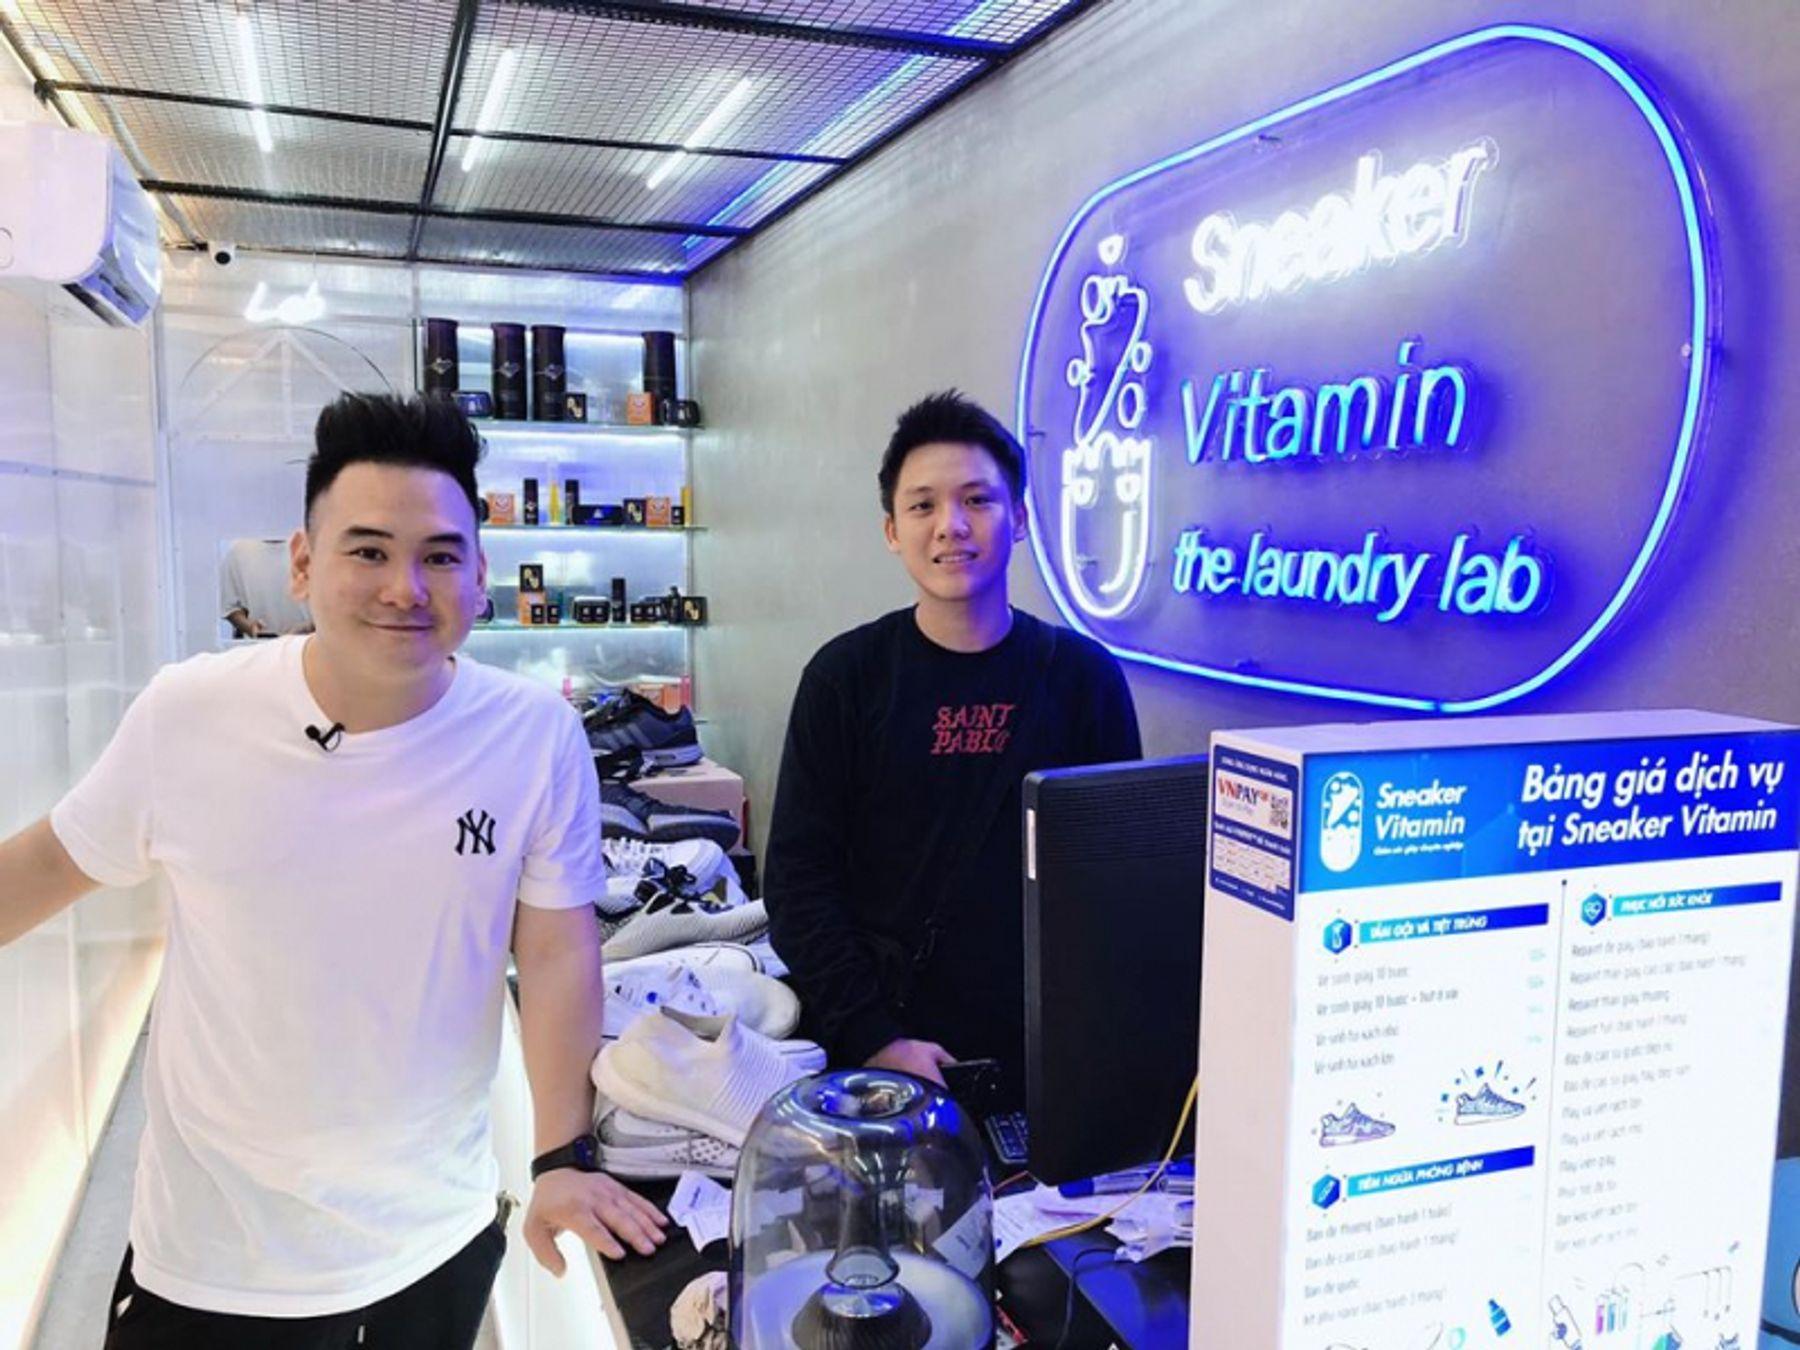 Dịch vụ giặt giày Sneaker Vitamin - Chăm sóc giày chuyên nghiệp quận 3